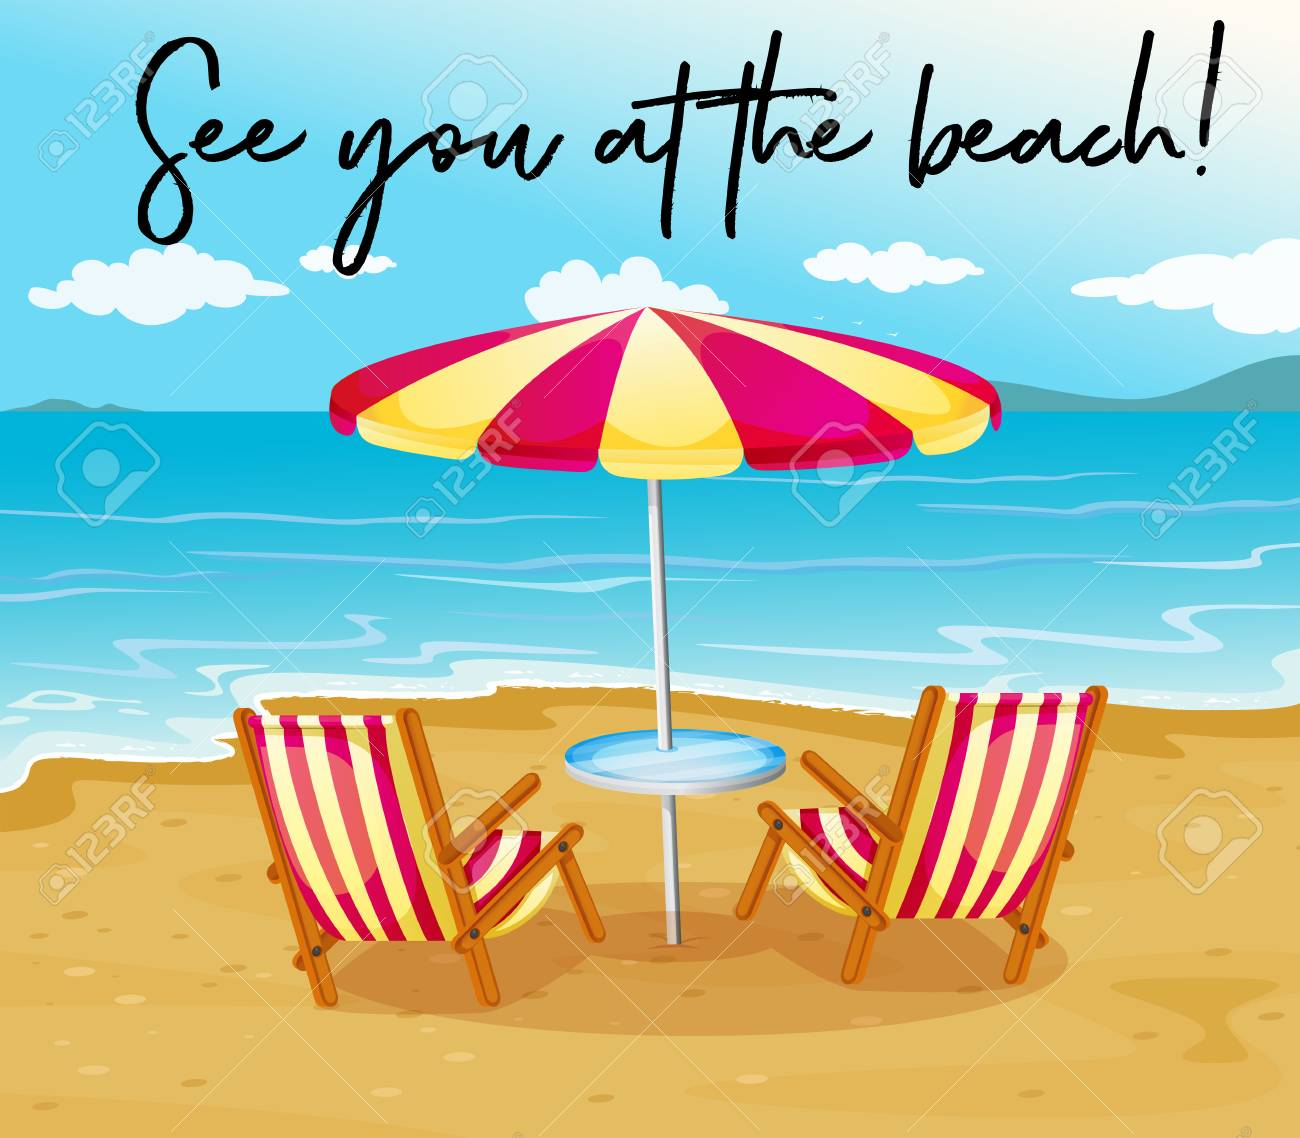 Escena De La Playa Con La Frase Mira En La Playa Ilustración